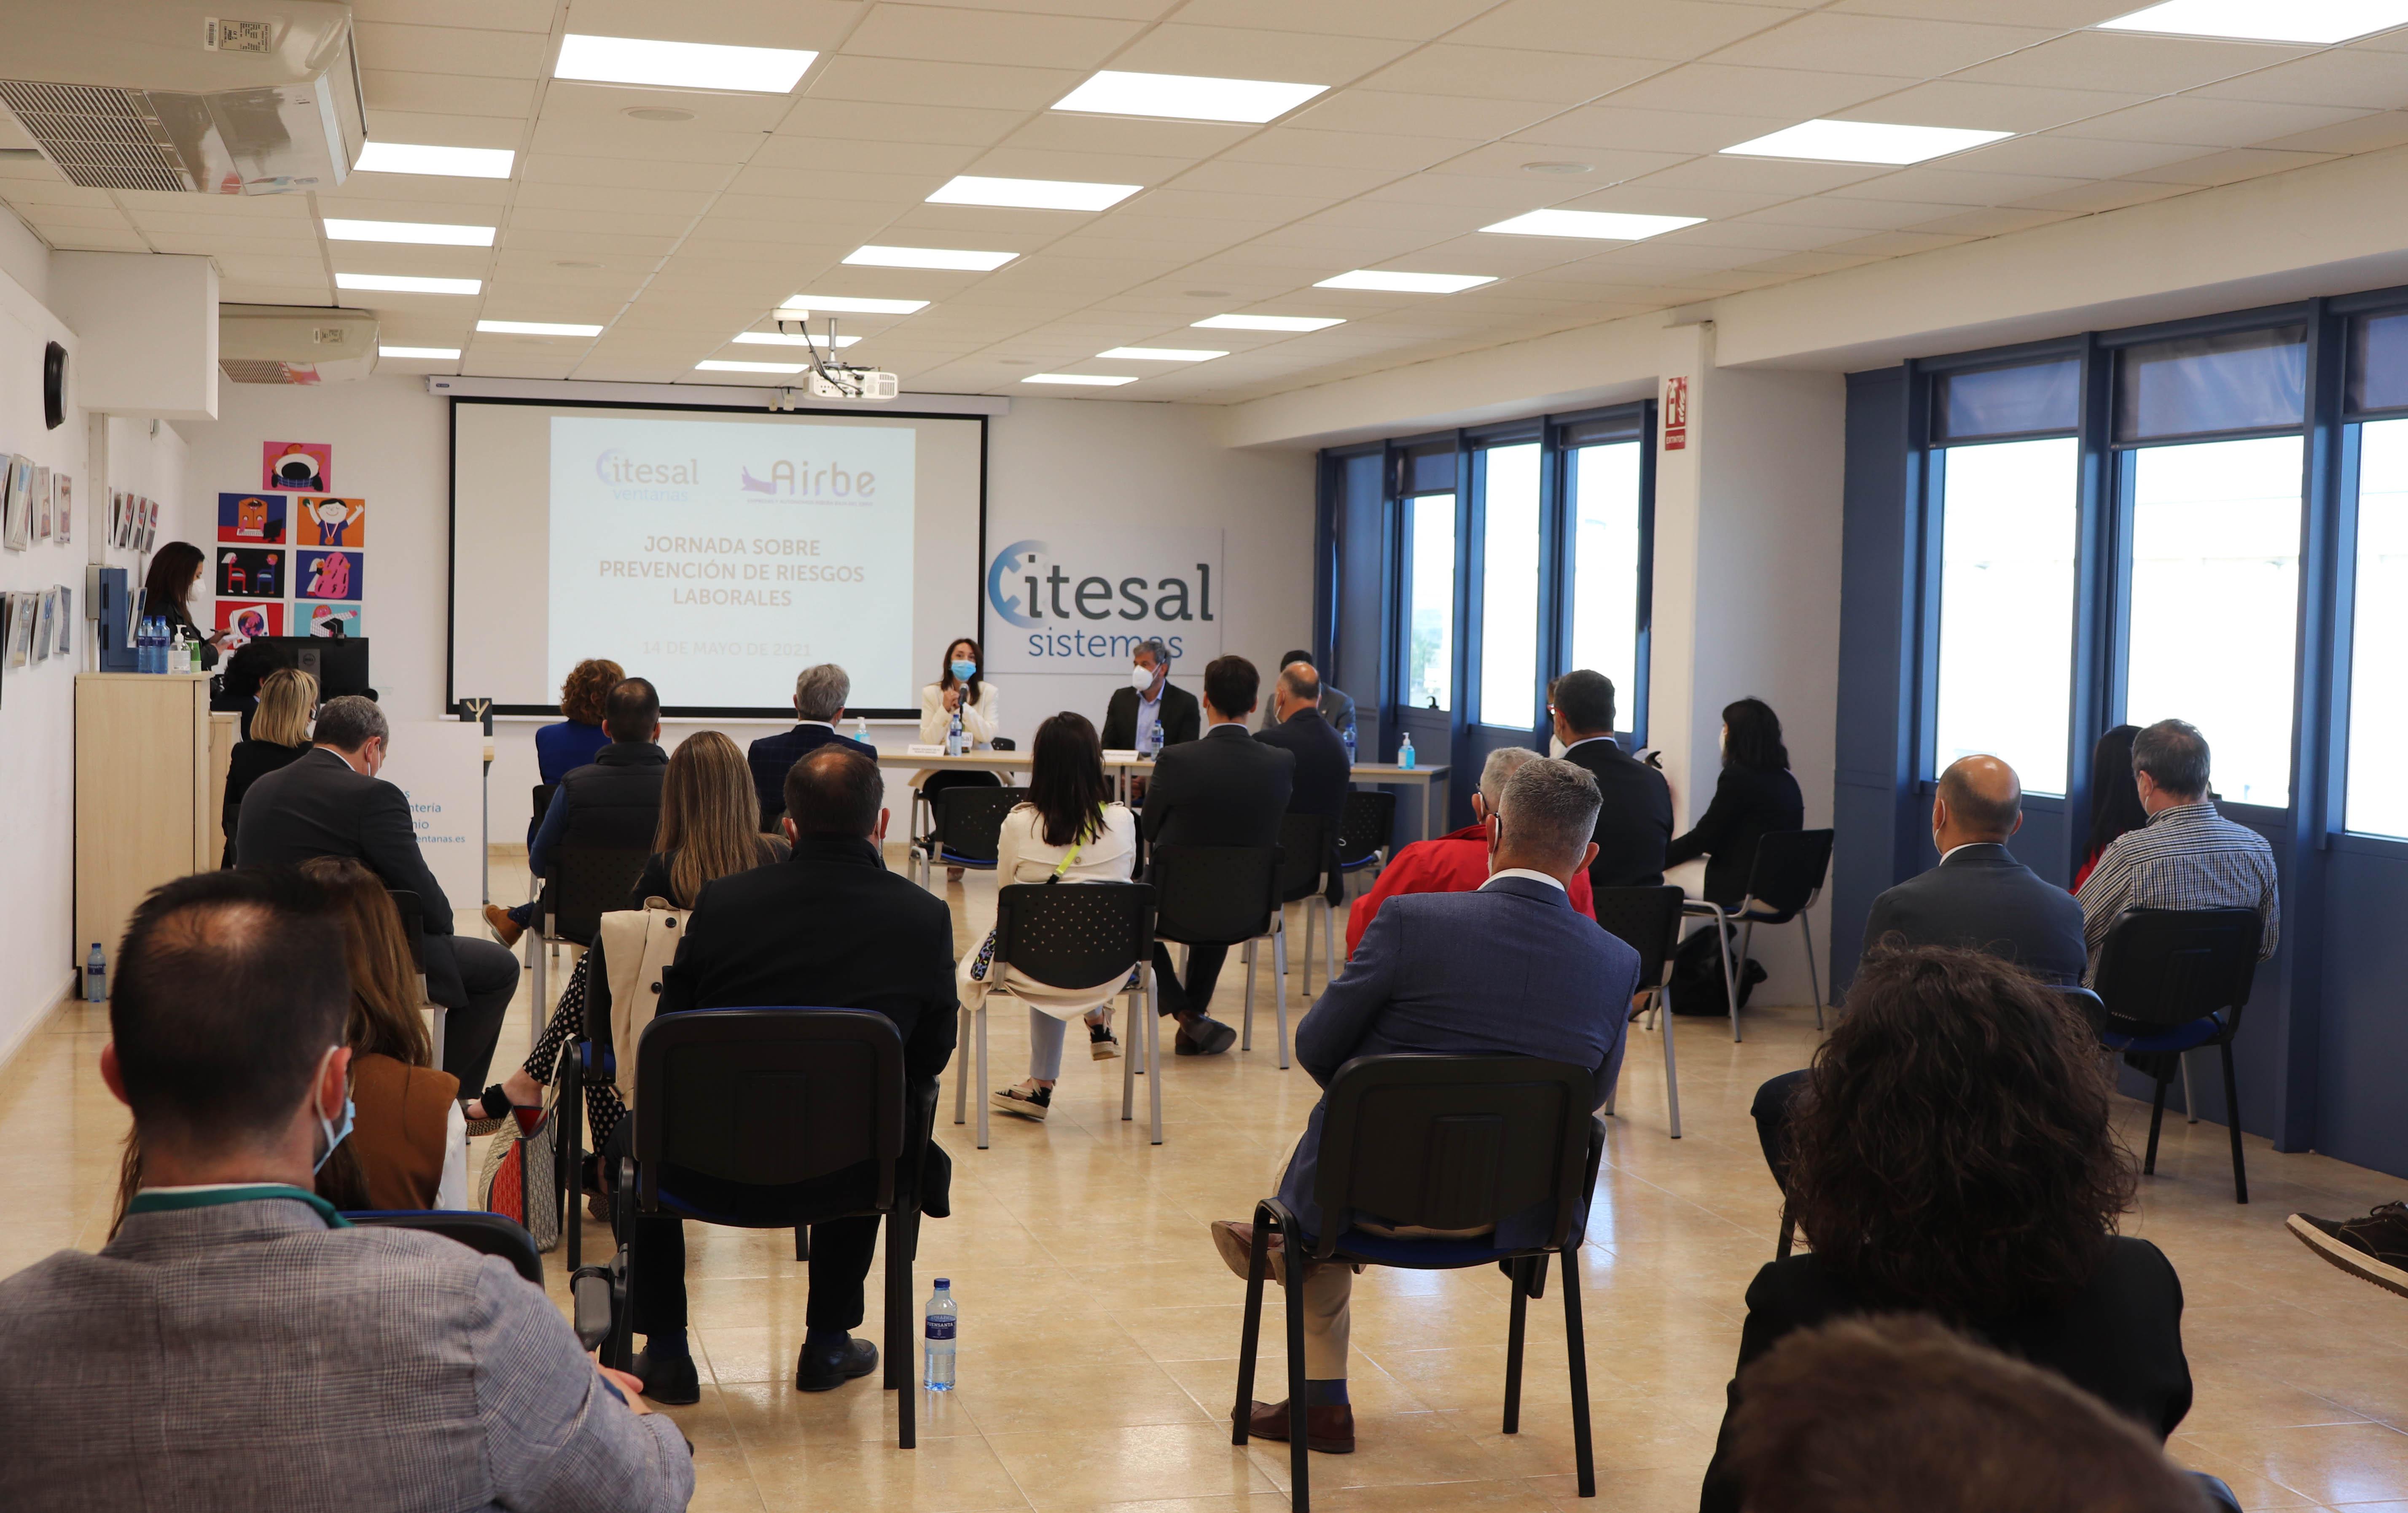 Galeria Itesal organiza una jornada de Prevención de Riesgos Laborales junto con AIRBE - 4